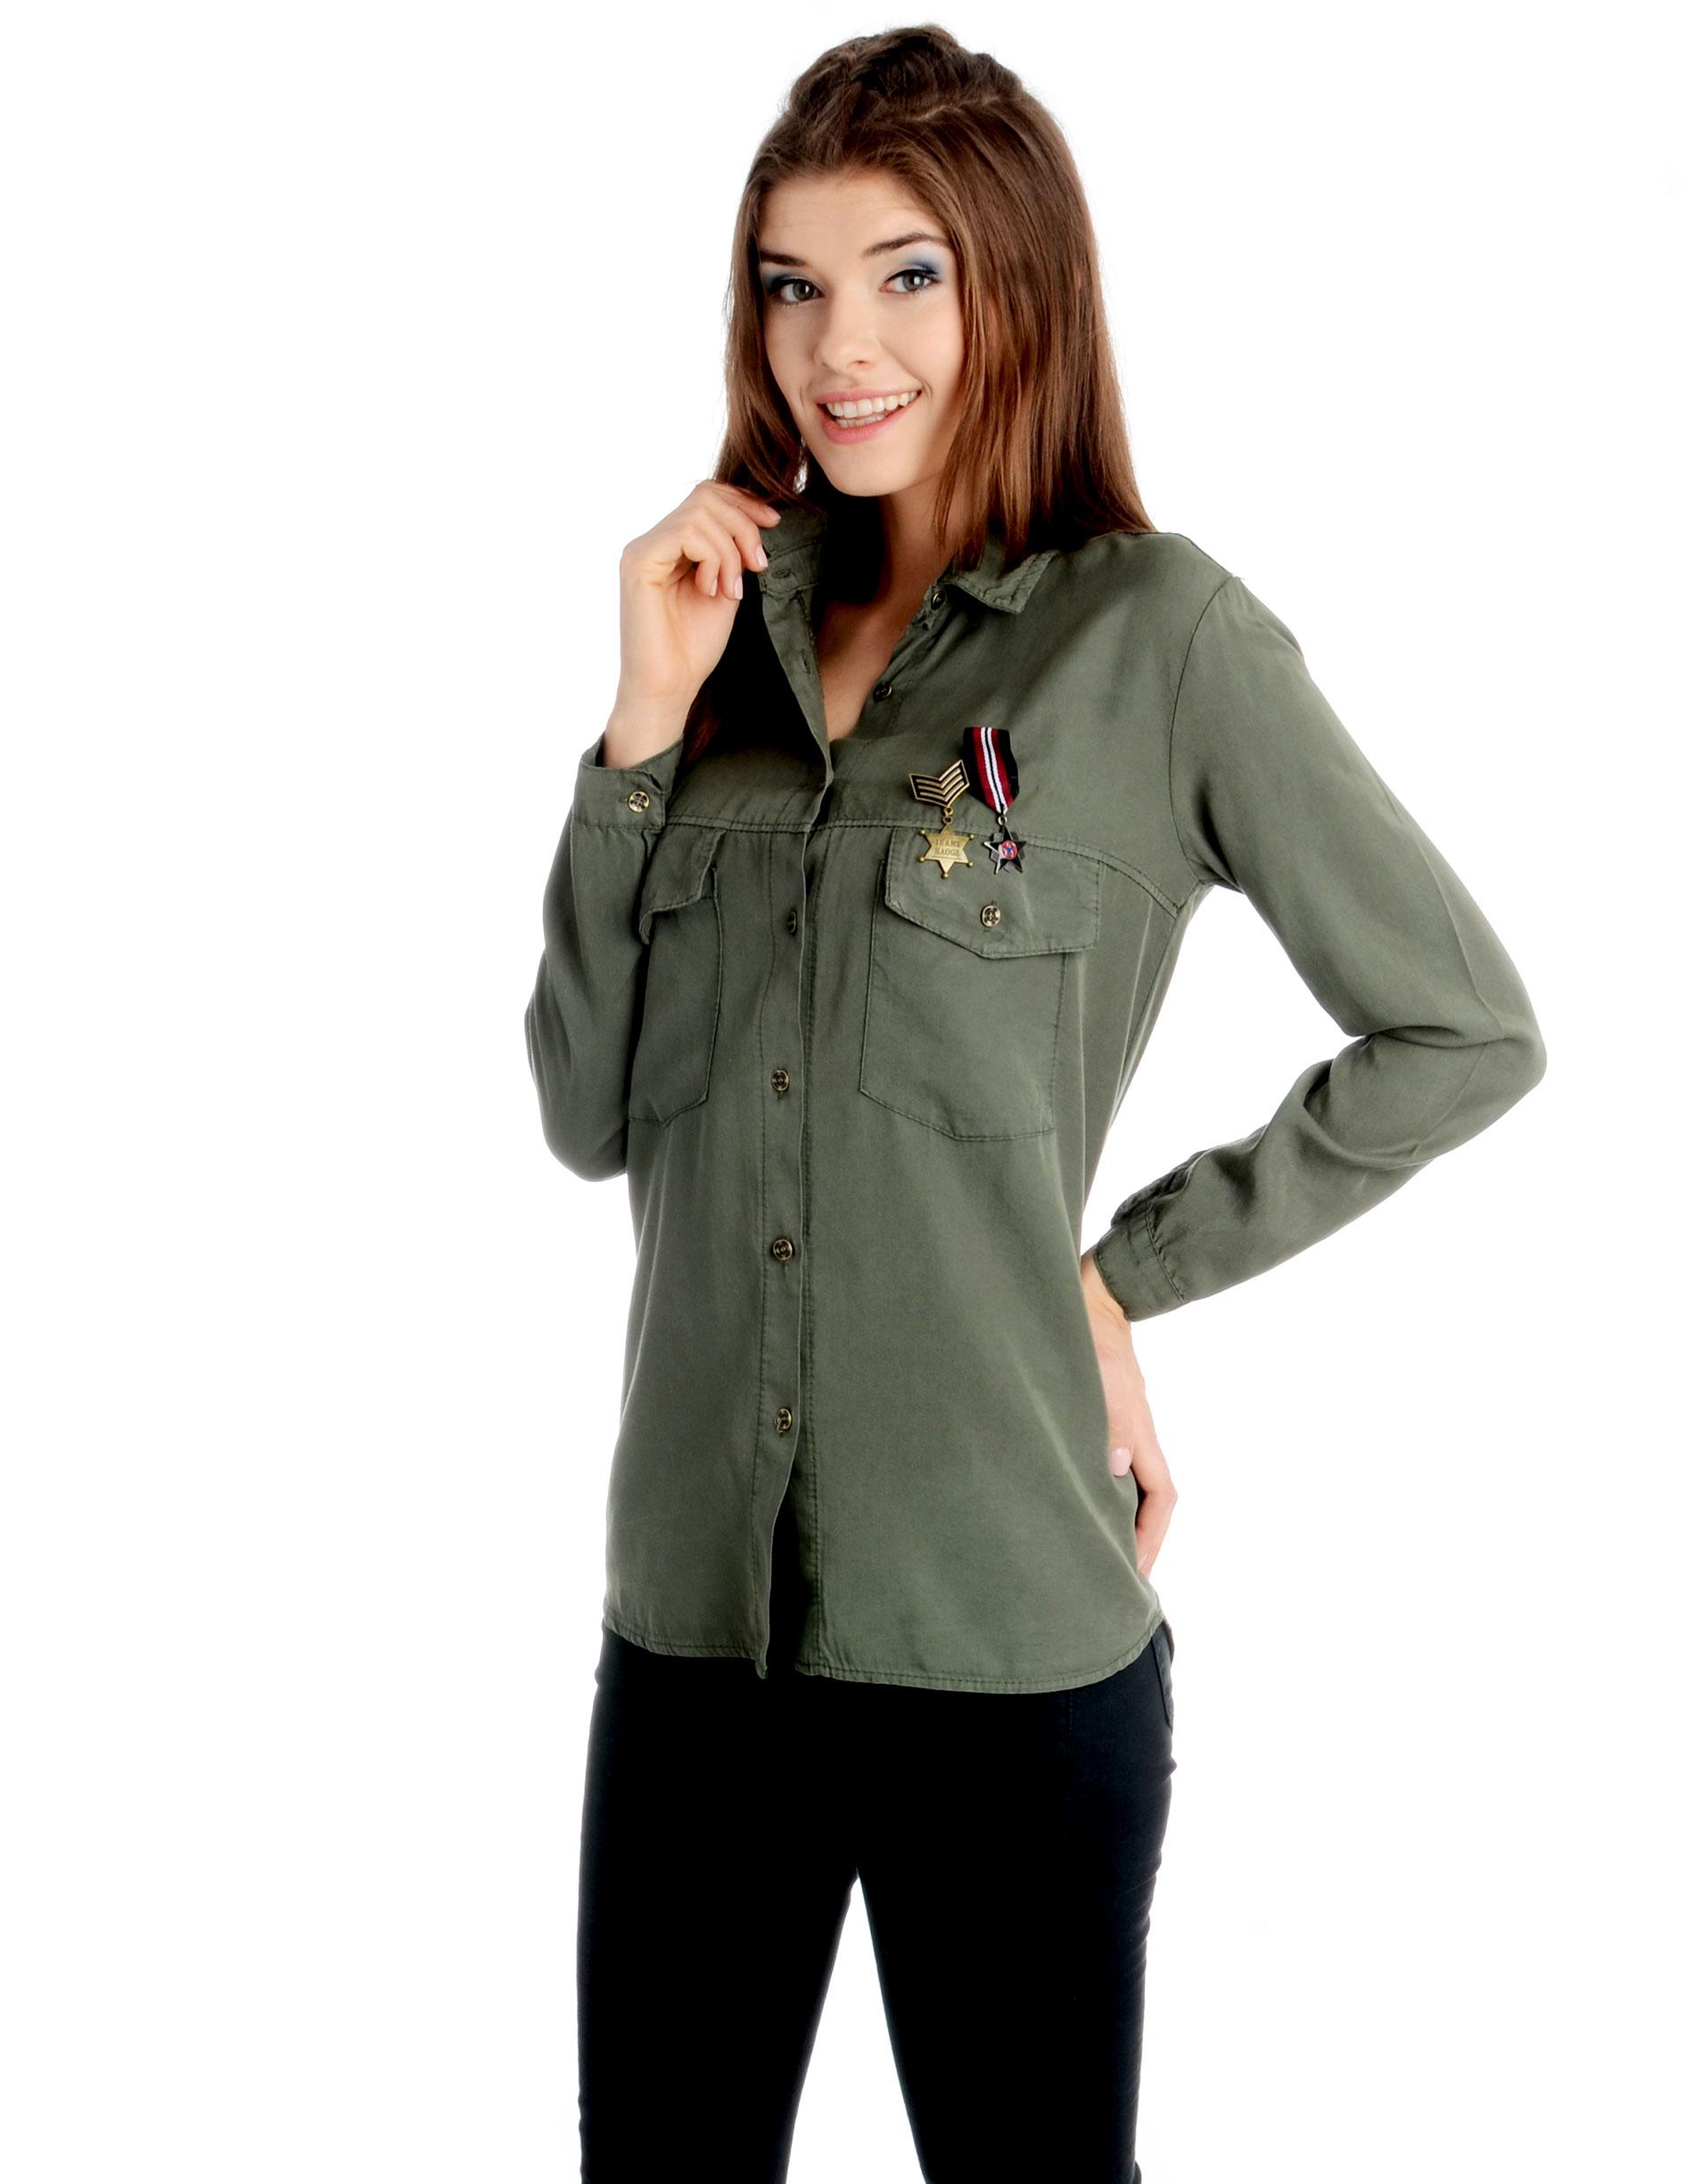 Koszula - 90-7017 MILIT - Unisono